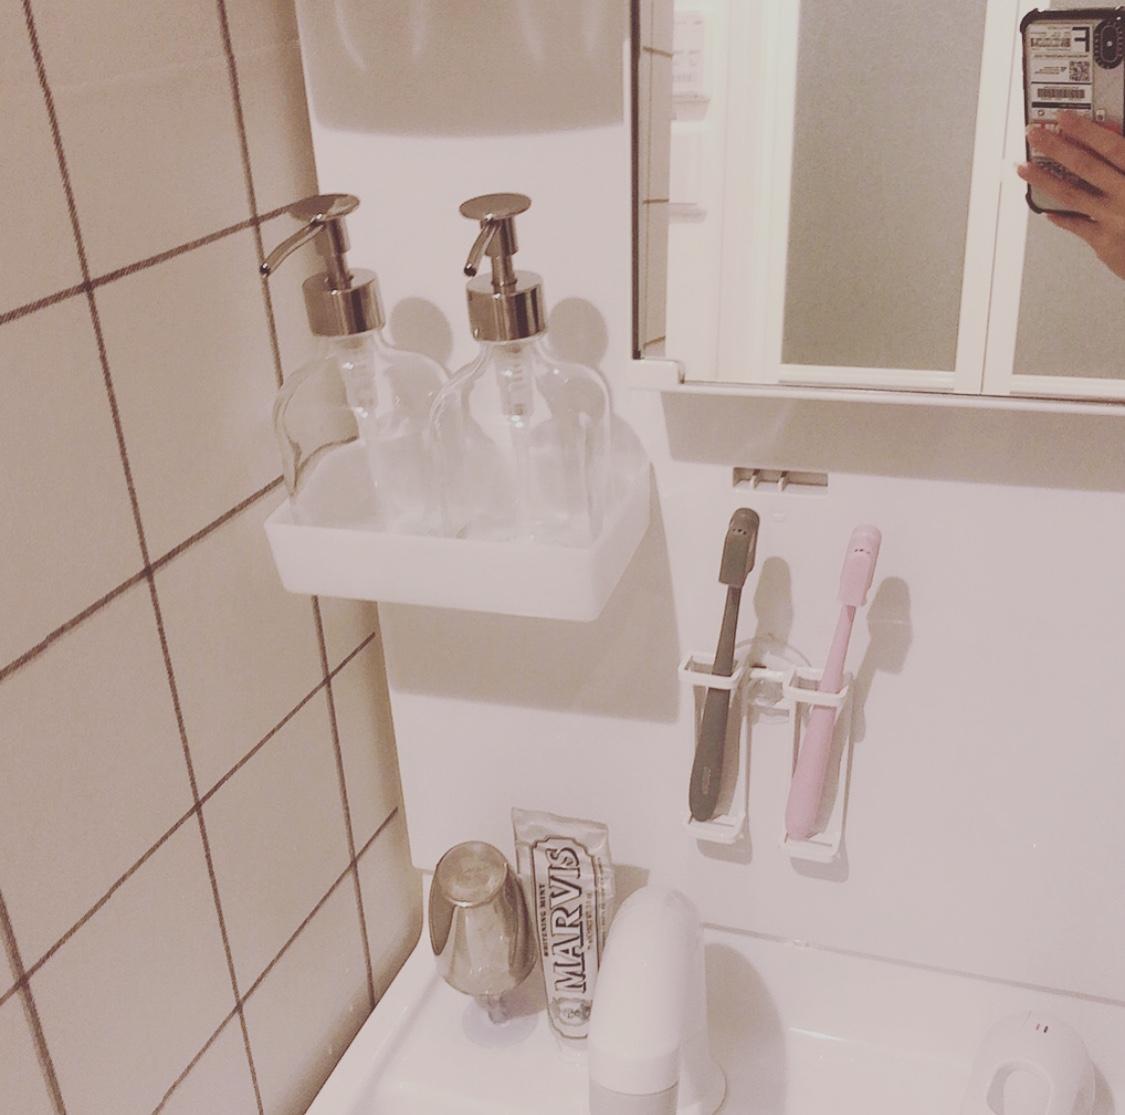 【賃貸インテリア】ふつうの独立洗面台でも諦めない!壁紙をチェンジしておしゃれにアップデートしてみた。_3